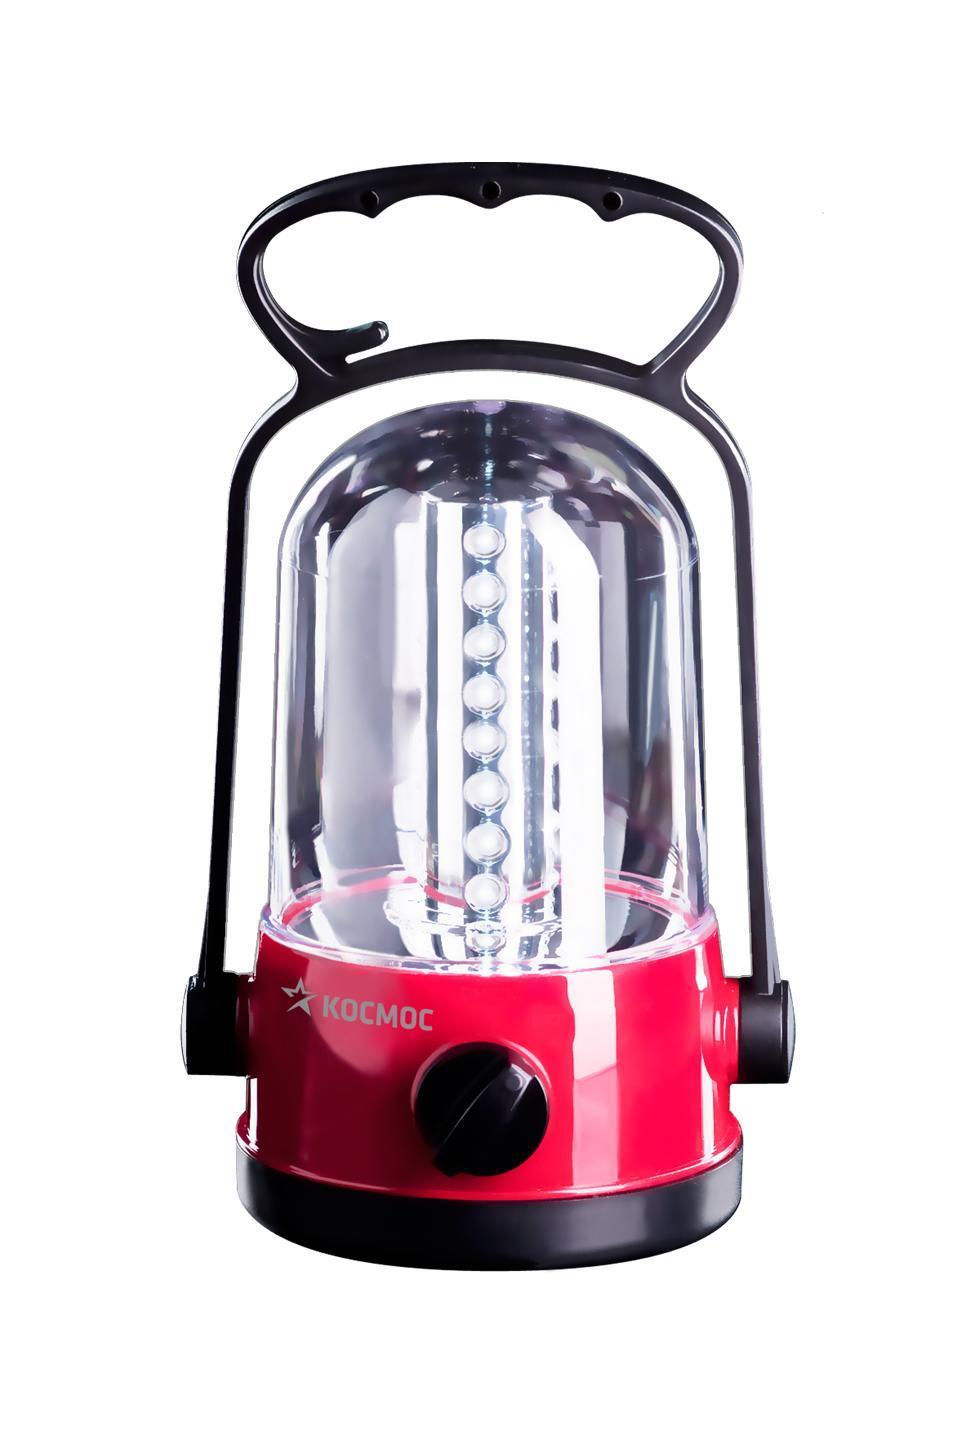 Фонарь кемпинговый Космос, аккумуляторныйKOC-H19-LEDКемпинговый фонарь Космос - это инновационный продукт, сочетающий в себе последние достижения электротехники и эргономики. Он прекрасно подойдет для использования на отдыхе в палатке или на даче. Фонарь имеет надежную ударопрочную конструкцию из пластика и защищен от попадания песка, пыли и влаги внутрь. Он снабжен 32 яркими и экономичными LED элементами. Они не перегорают и не требуют замены. Включение и выключение фонаря происходит при помощи специального переключателя. Фонарь имеет встроенное зарядное устройство и индикацию процесса зарядки. Благодаря удобной складной ручкой-трансформер фонарь можно использовать не только для настольной работы, но и переносить с места на место и освещать объекты на земле. Функция крючка позволяет подвешивать фонарь в качестве источника света внутри помещения и палаток. Фонарь укомплектован сетевым шнуром для подзарядки. Характеристики:Материал: пластик, стекло, металл. Размер фонаря (с учетом ручки):19,5 см х 9 см х 9 см. Тип лампочки:LED. Количество лампочек:32 шт. Аккумуляторная батарея:2х4V 0,9Ah. Время непрерывной работы (при полностью заряженной батарее):до 10 ч. Время полной зарядки фонаря:24 ч. Рабочие температуры фонаря (при полностью заряженной батарее):от - 10°С до +40°С. Размер упаковки:10 см х 20,5 см х 10 см. Производитель: Россия. Изготовитель: Китай. Артикул:KOCAc6010LED. Прилагается инструкция по эксплуатации на русском языке. Космос - российский бренд электротоваров, созданный, чтобы обеспечить отечественного покупателя качественной энергосберегающей и энергоэффективной продукцией в категориях:Лампы, светильники Сезонные электротовары Элементы питания, фонари Электроустановочные изделия. Лучшие заводы шести стран мира: Россия, Украина, Белоруссия, Китай, Корея, Япония производят товары Космос на базе современных технологий.